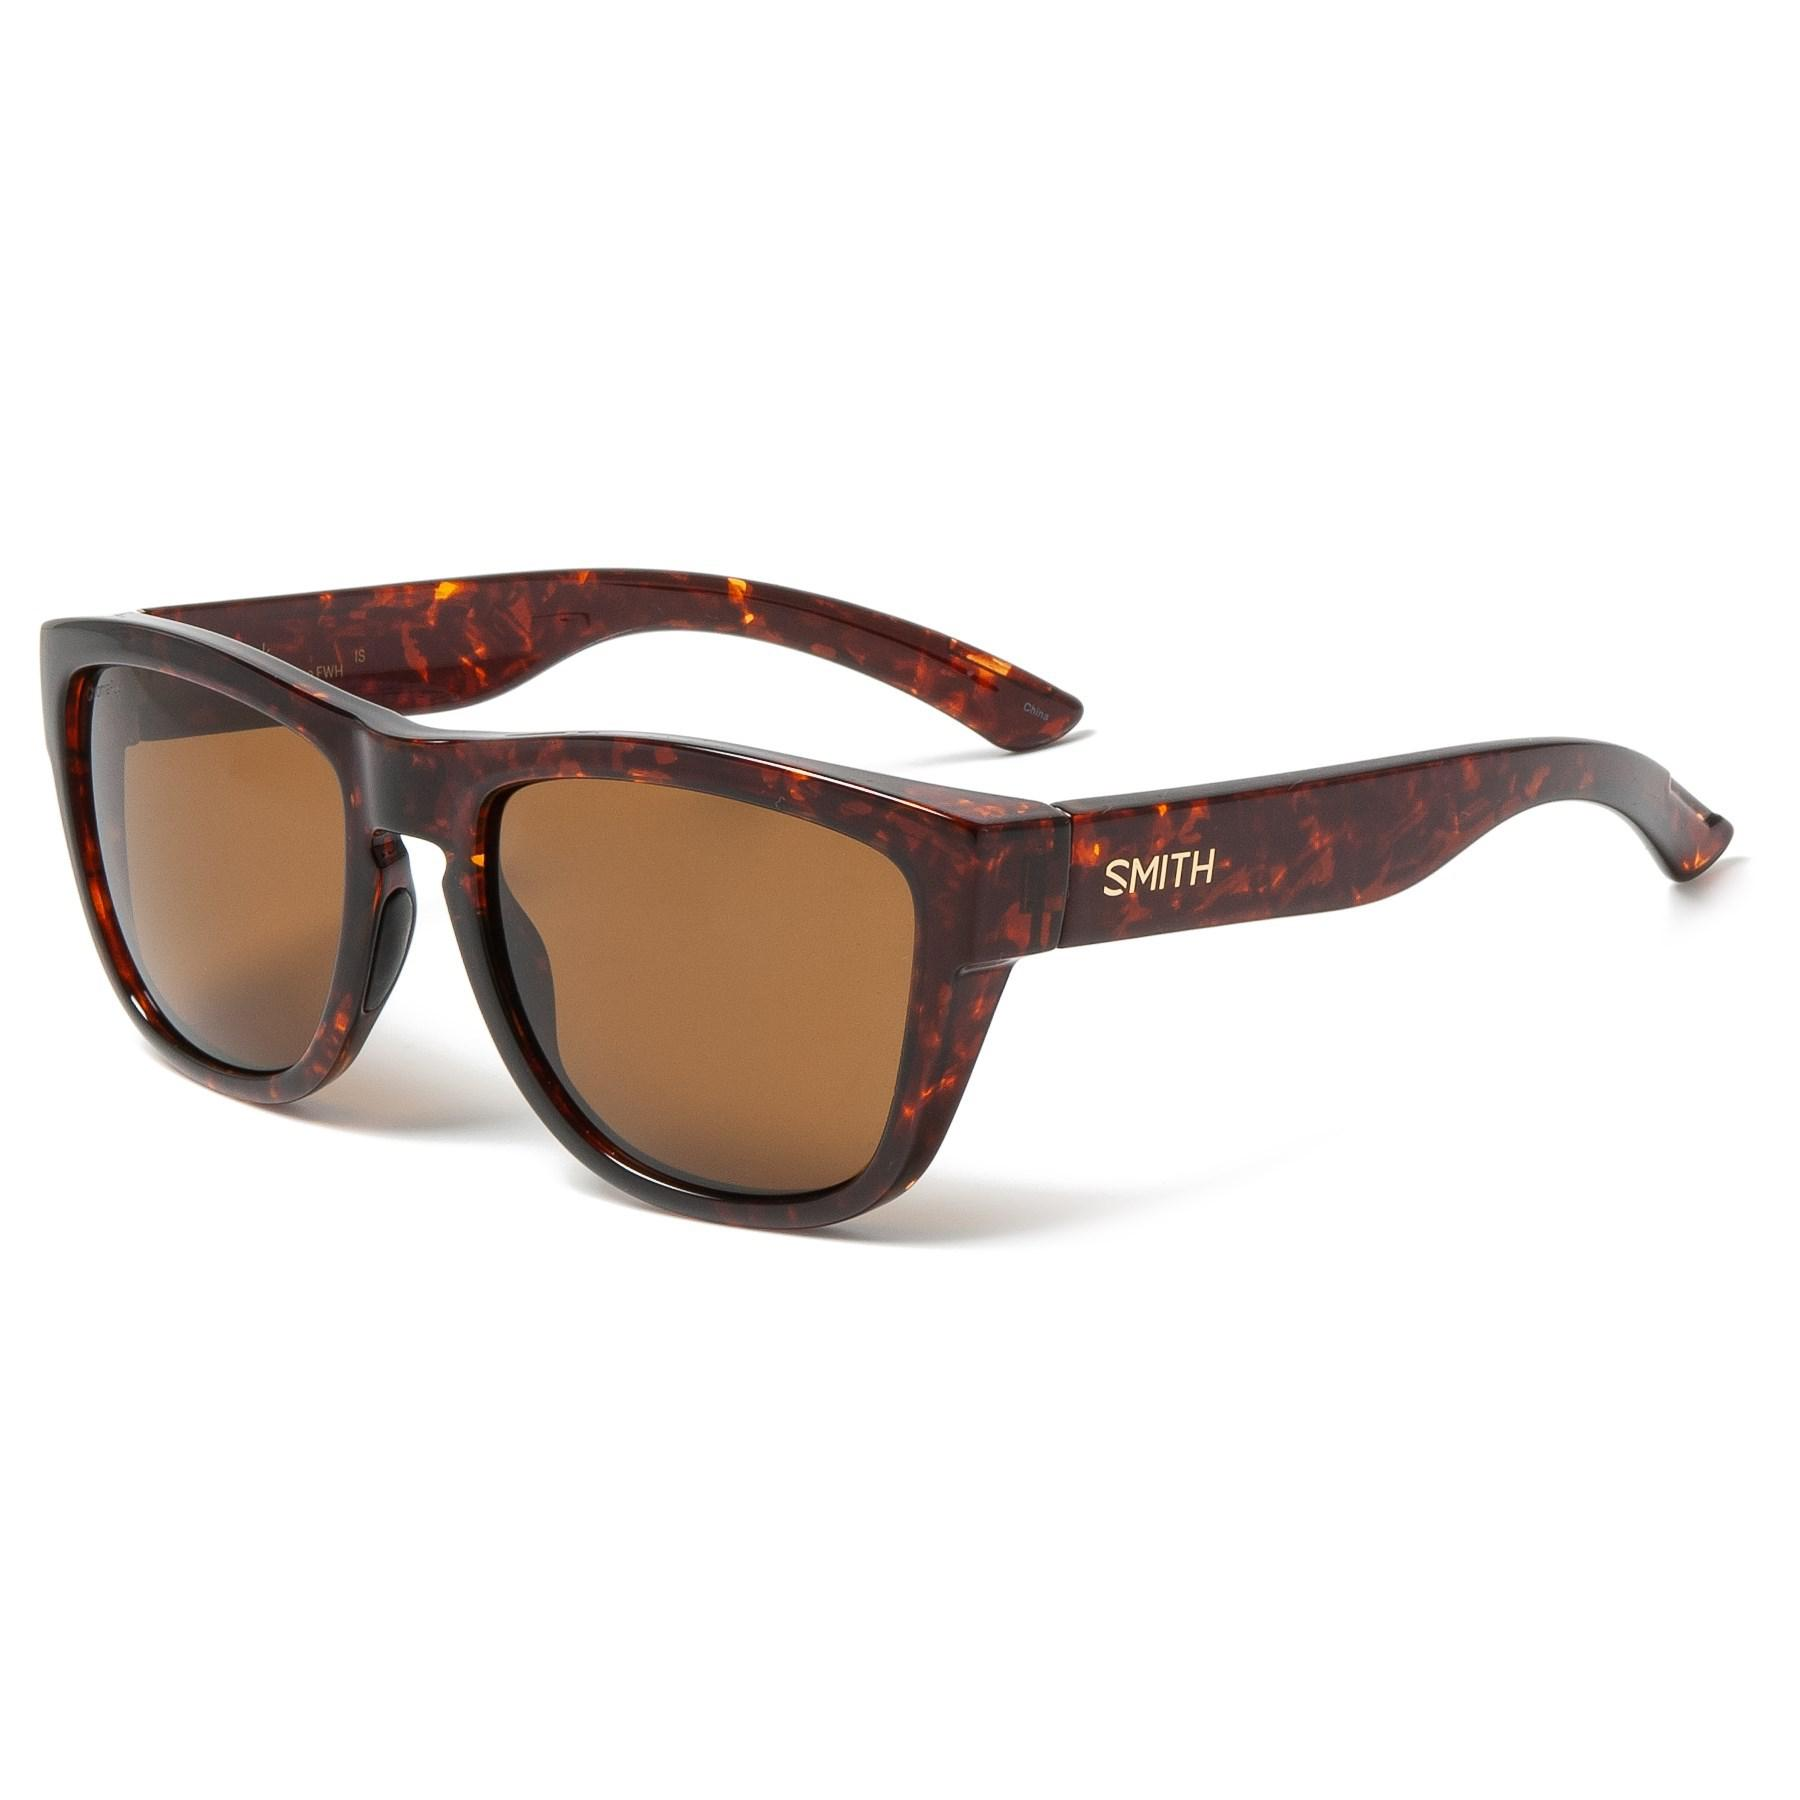 8f6e622cf49d8 Lyst - Smith Optics Clark Sunglasses in Brown for Men